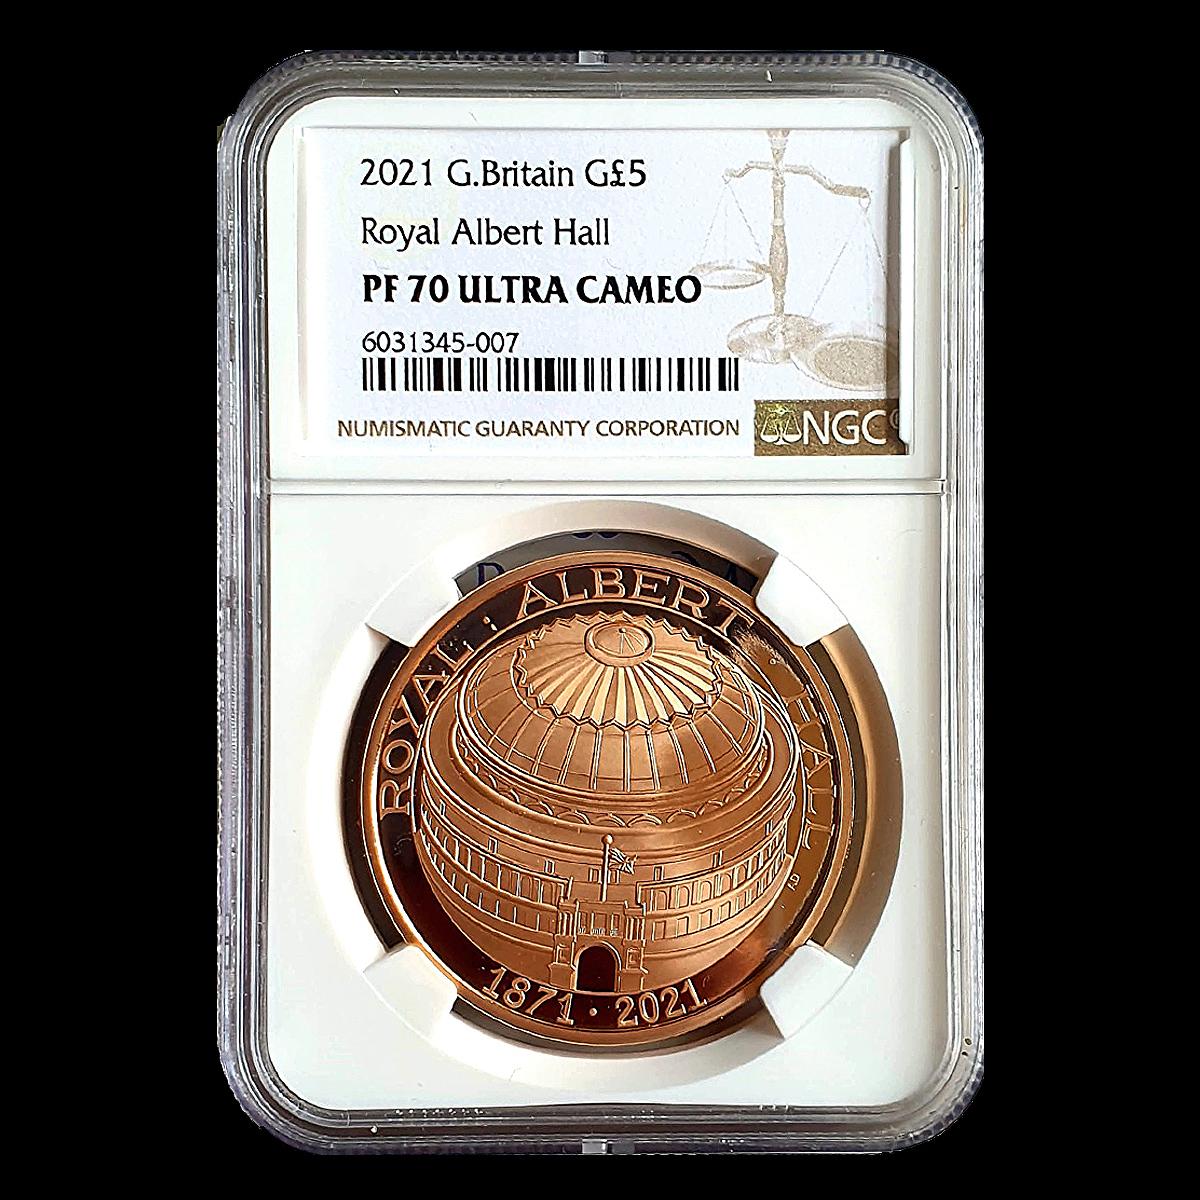 イギリス 2021年 ロイヤル・アルバート・ホール開場150周年記念 英国 5ポンド 金貨 NGC PF70UC【最高鑑定】_画像4